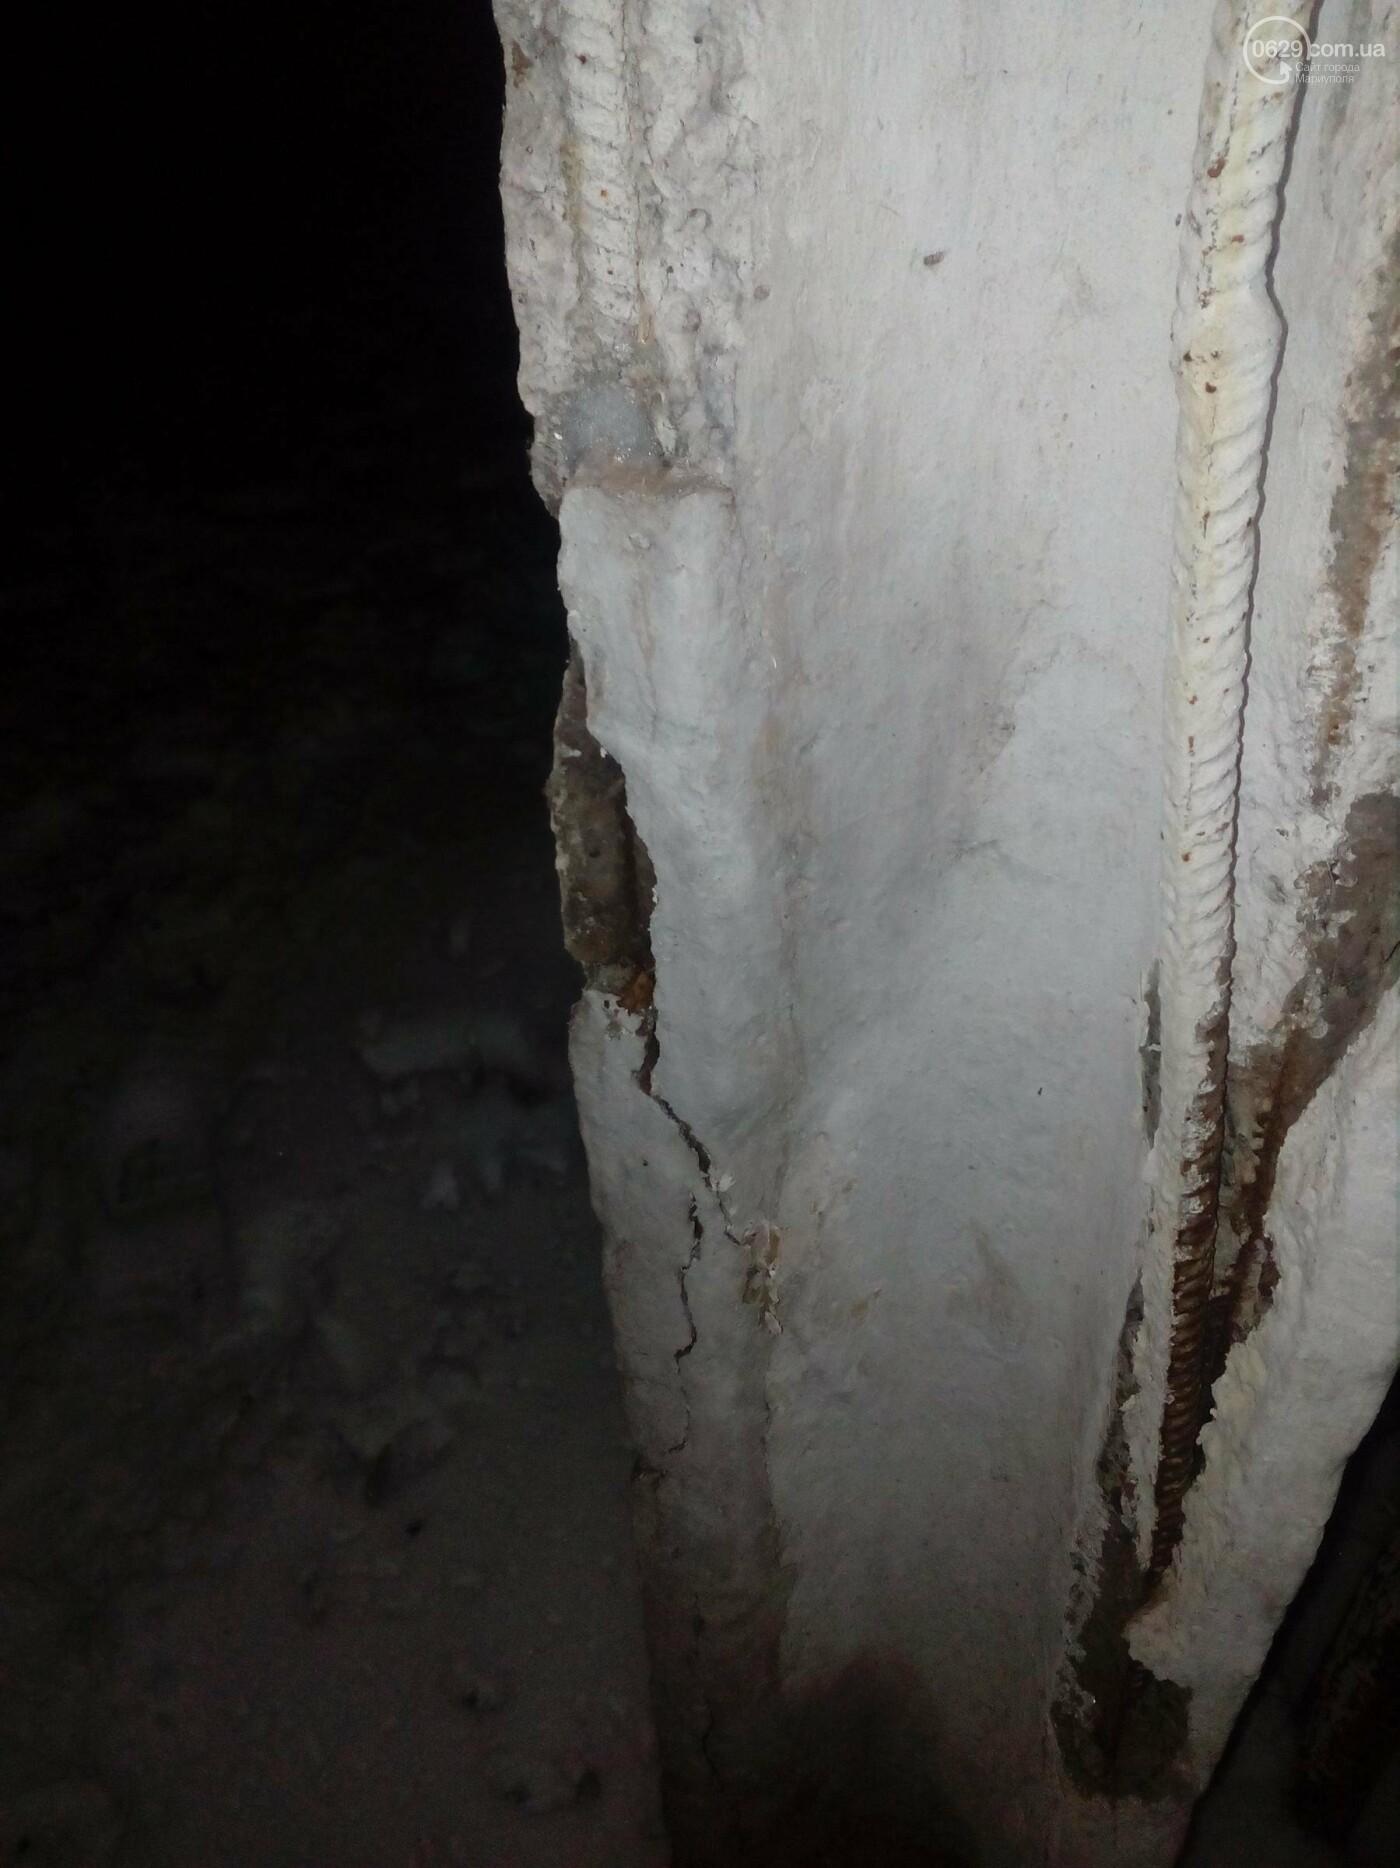 Мариупольцев напугали оборванные провода ЛЭП (ФОТО), фото-3